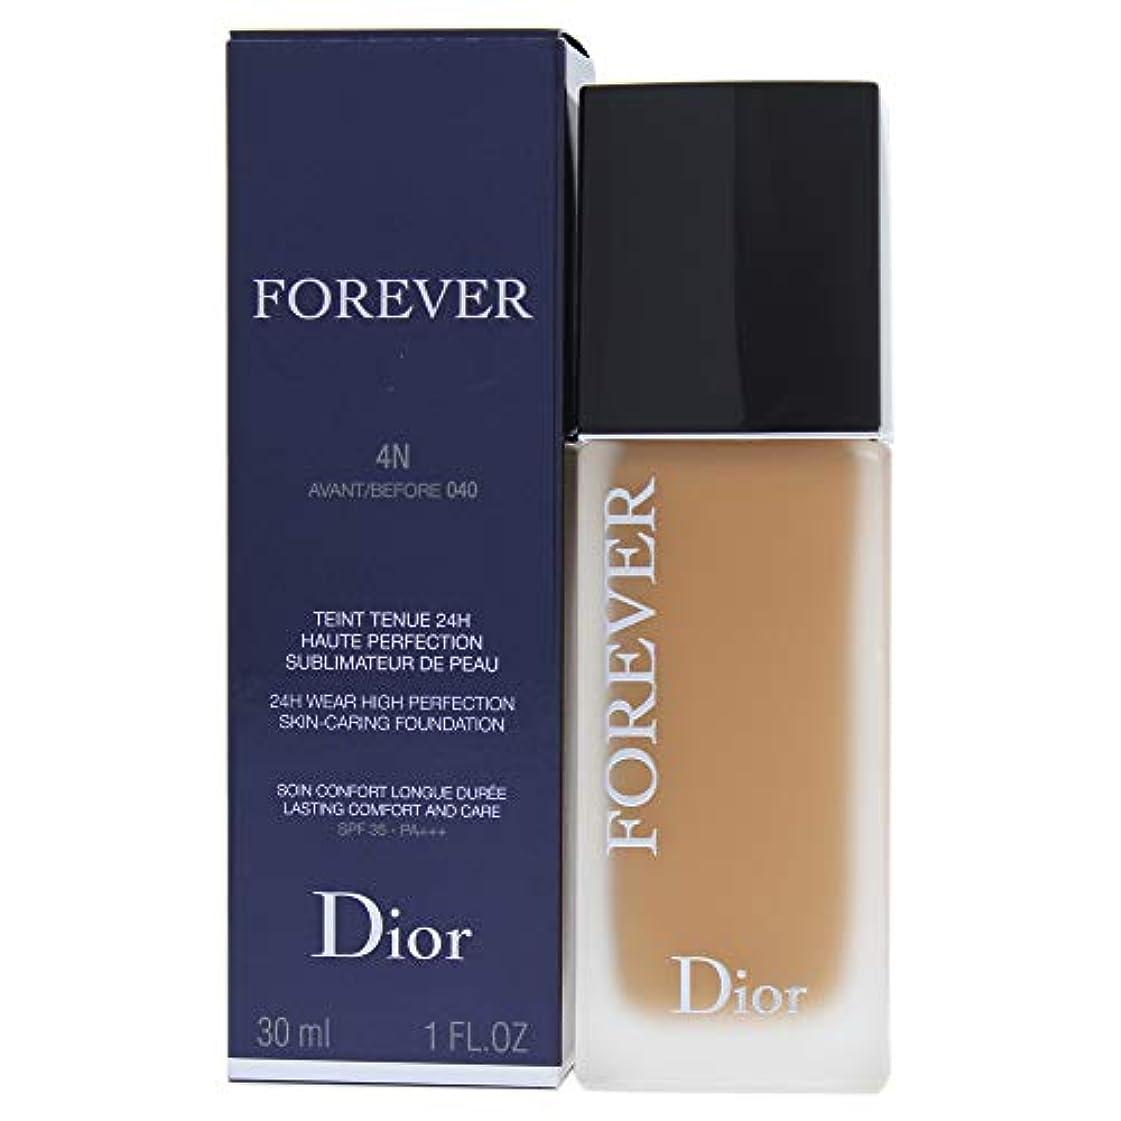 誰もブラウスメーカークリスチャンディオール Dior Forever 24H Wear High Perfection Foundation SPF 35 - # 4N (Neutral) 30ml/1oz並行輸入品